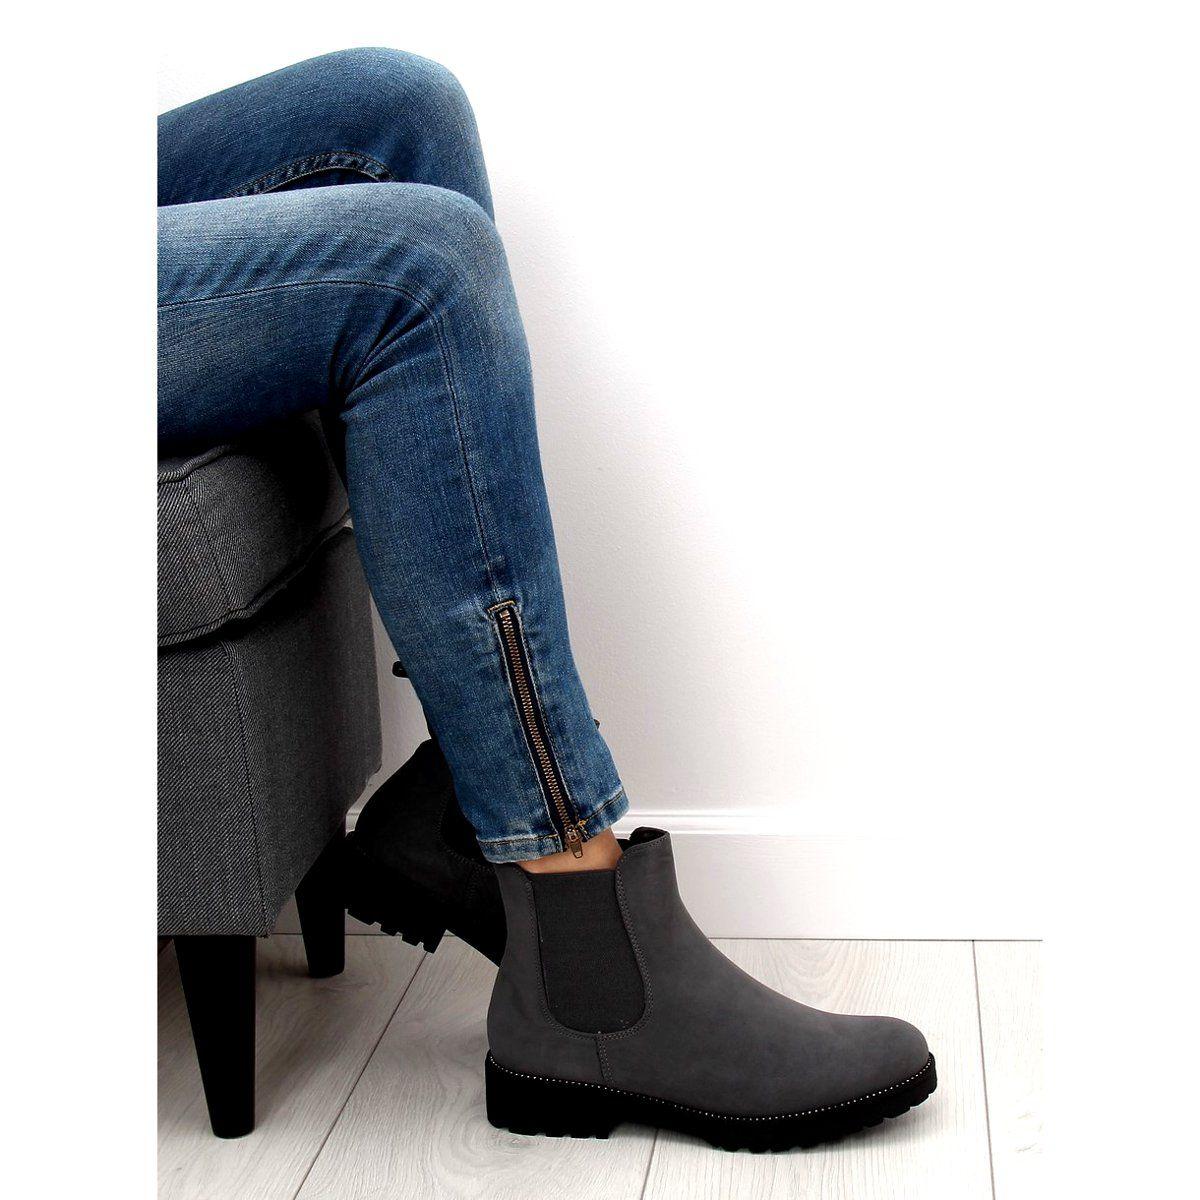 2eac1ec166b11 Sztyblety damskie szare SP16 Grey   Botki damskie   Shoes, Boots i ...